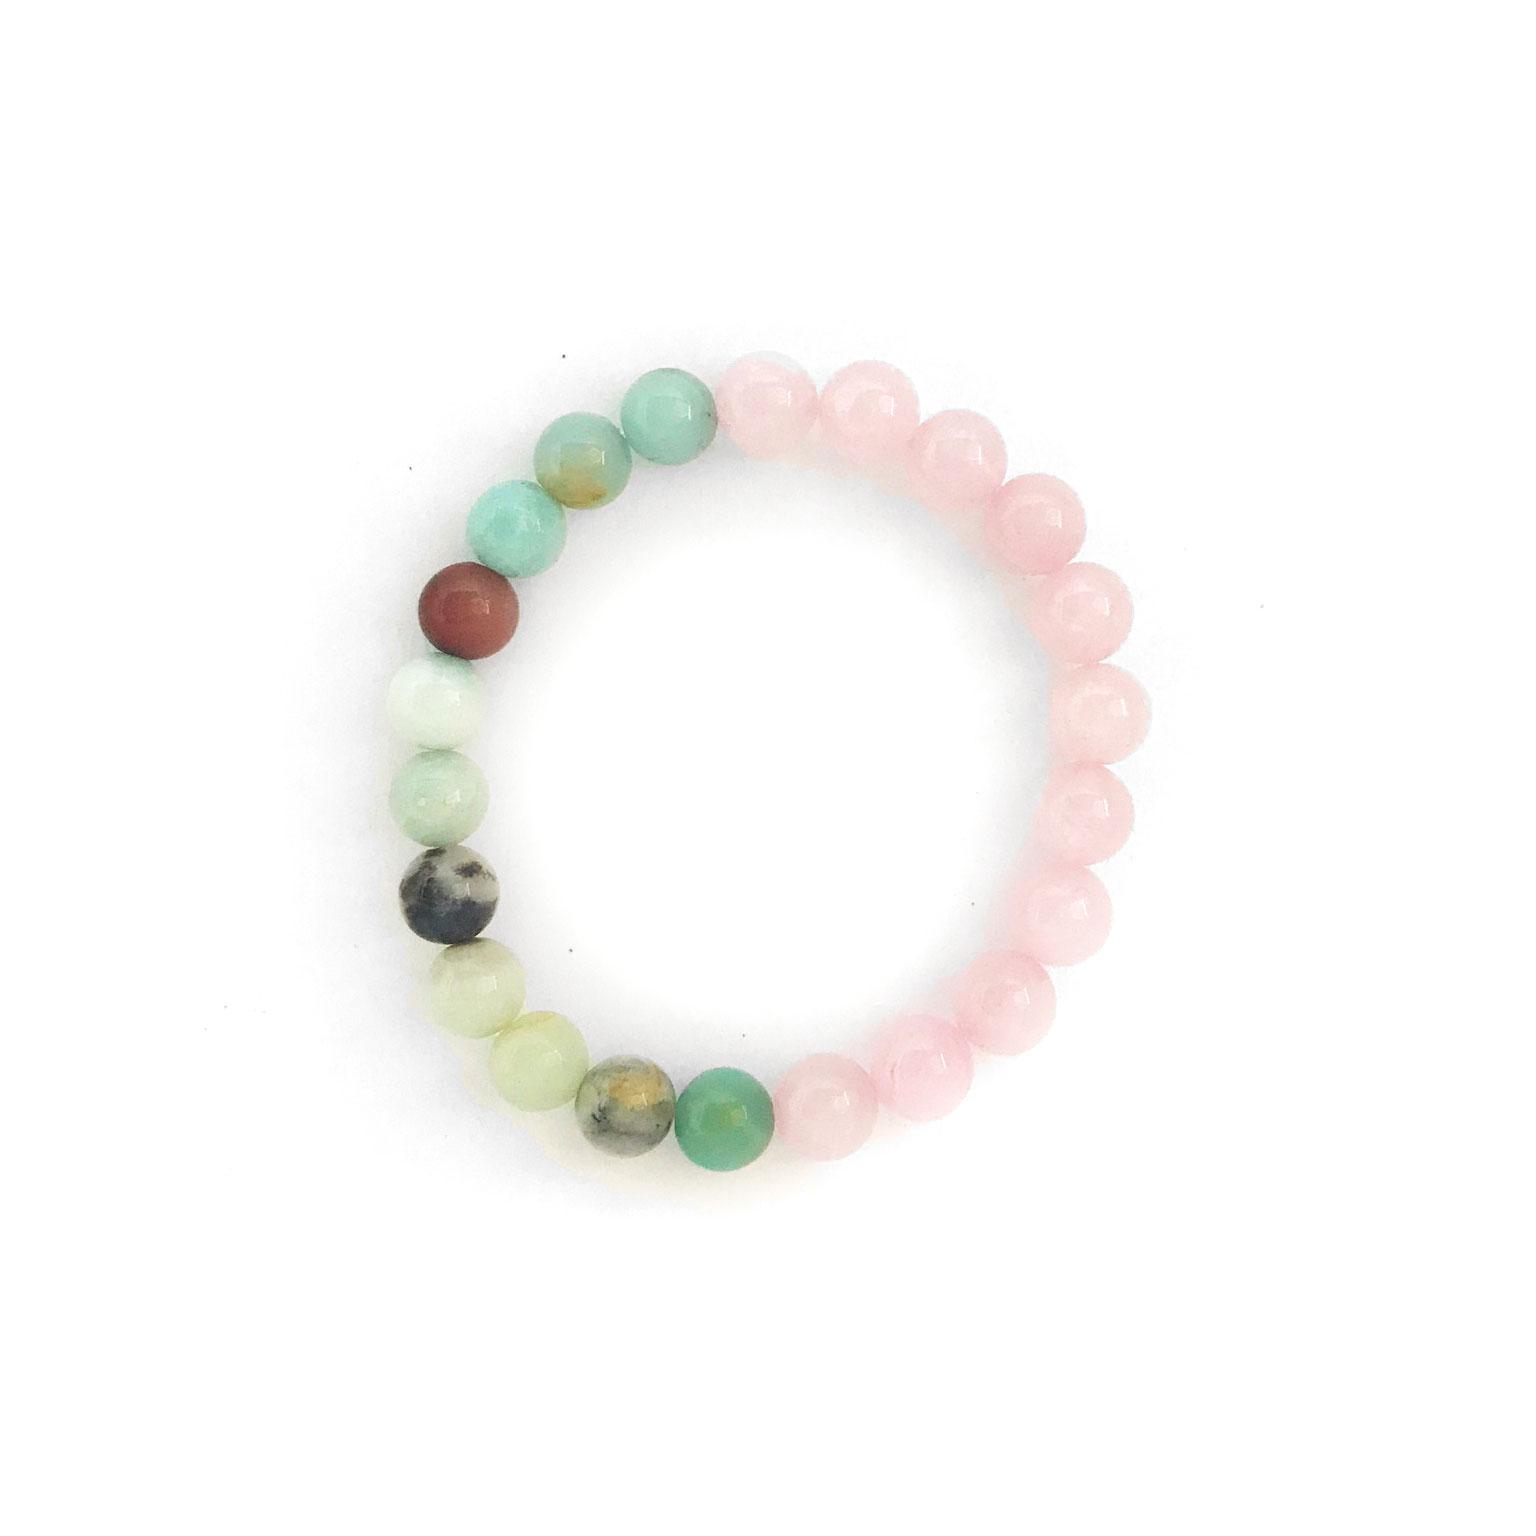 Amazonite and Rose Quartz Bracelet